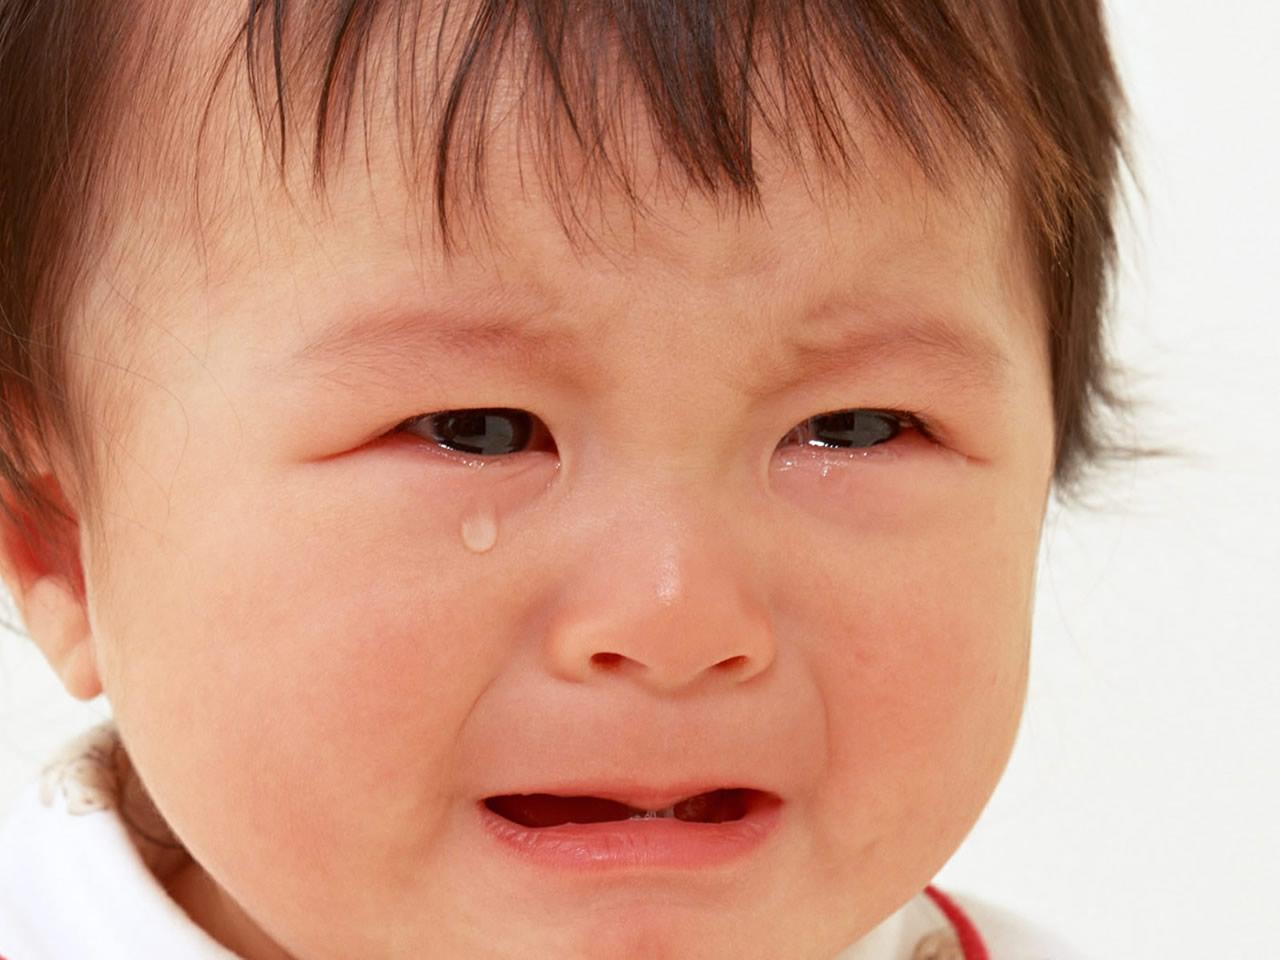 Gambar Anak Kecil Lucu Lagi Nangis Terlengkap Display Picture Update